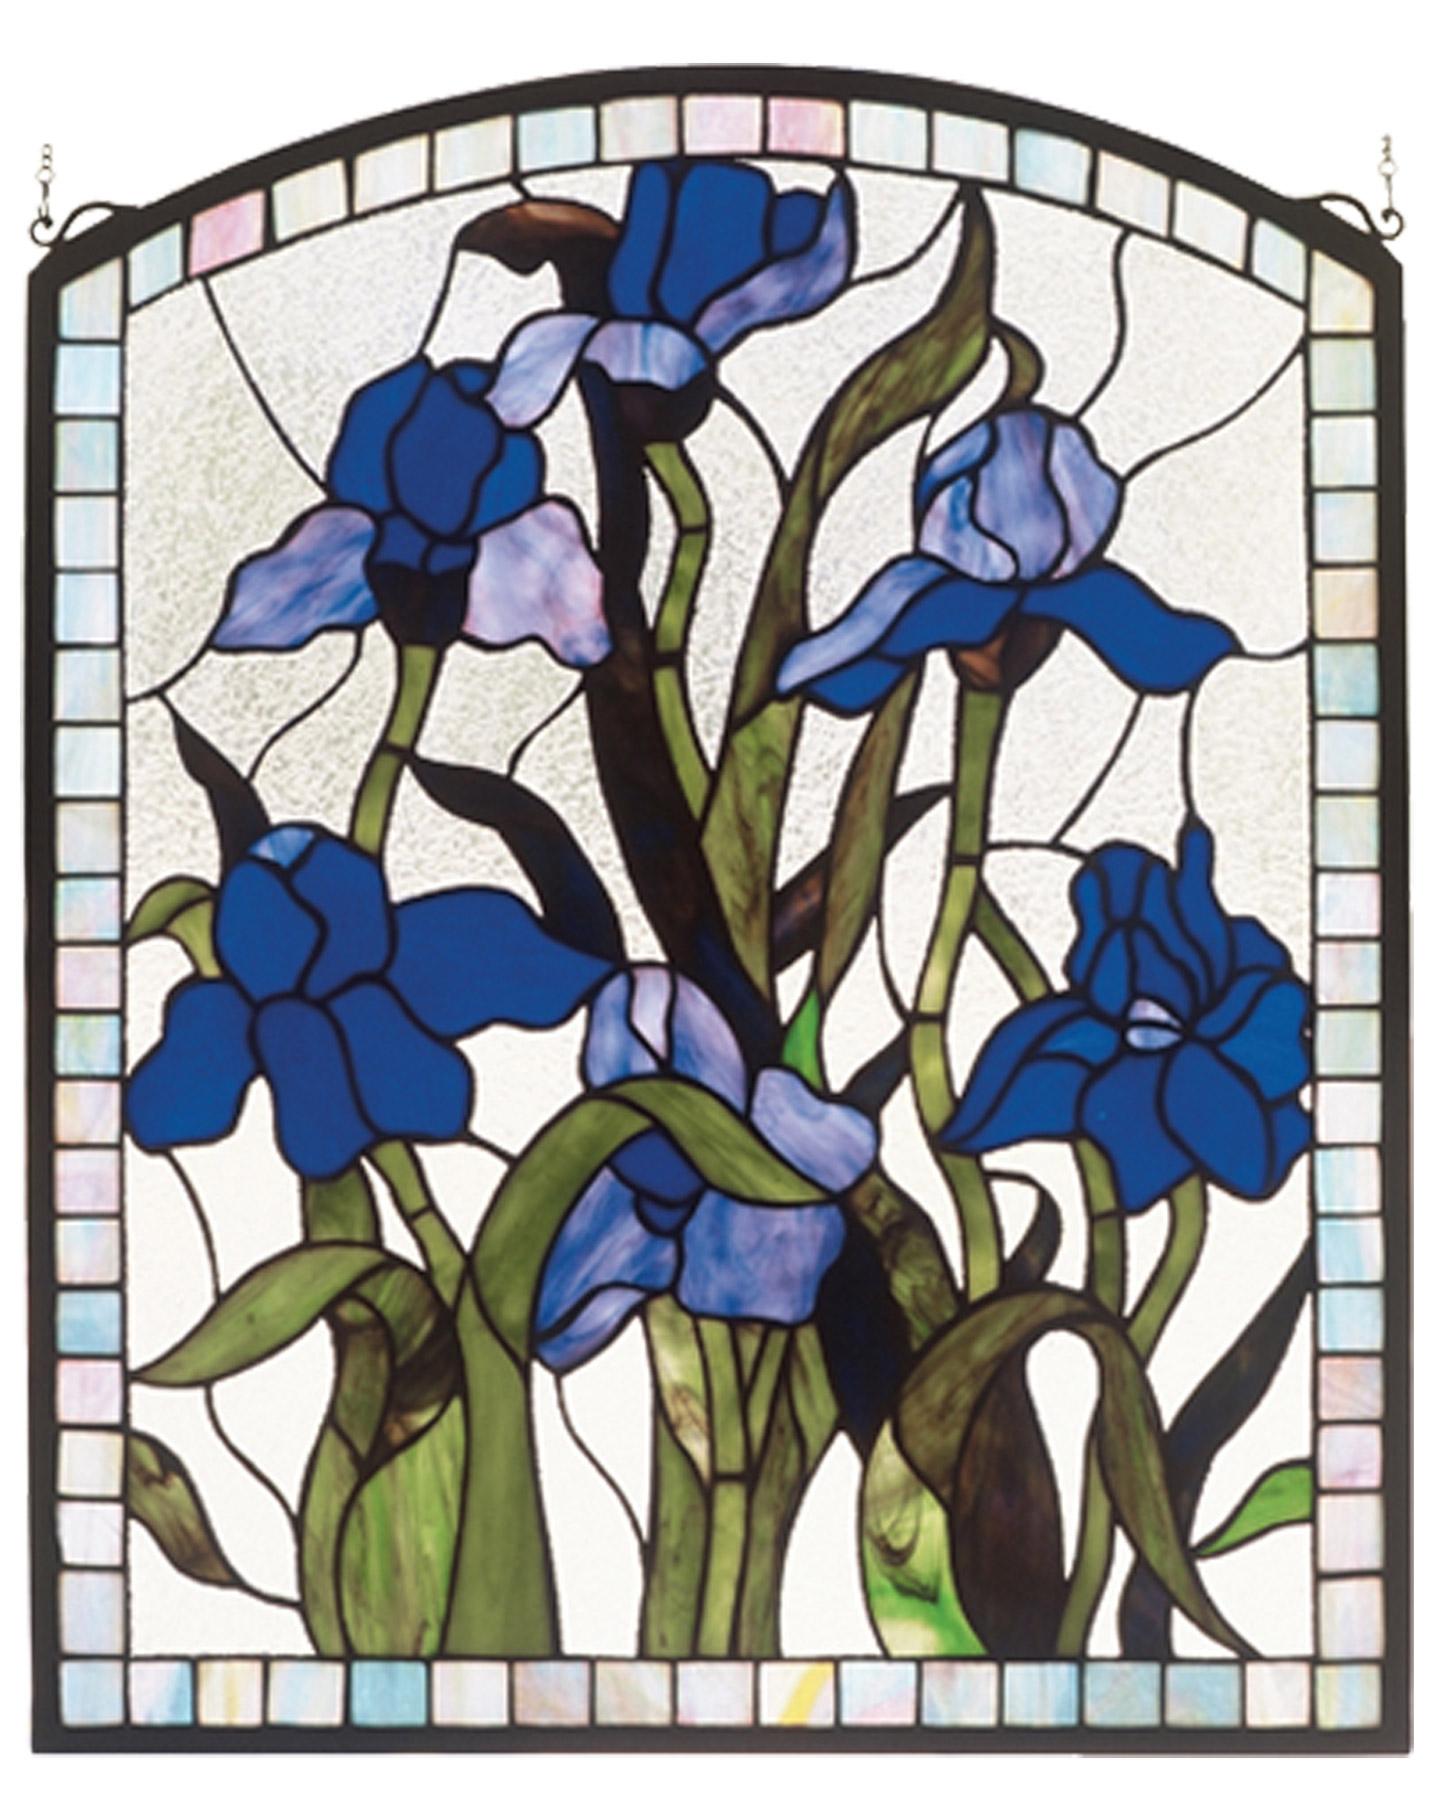 Glass Flower Wall Decor